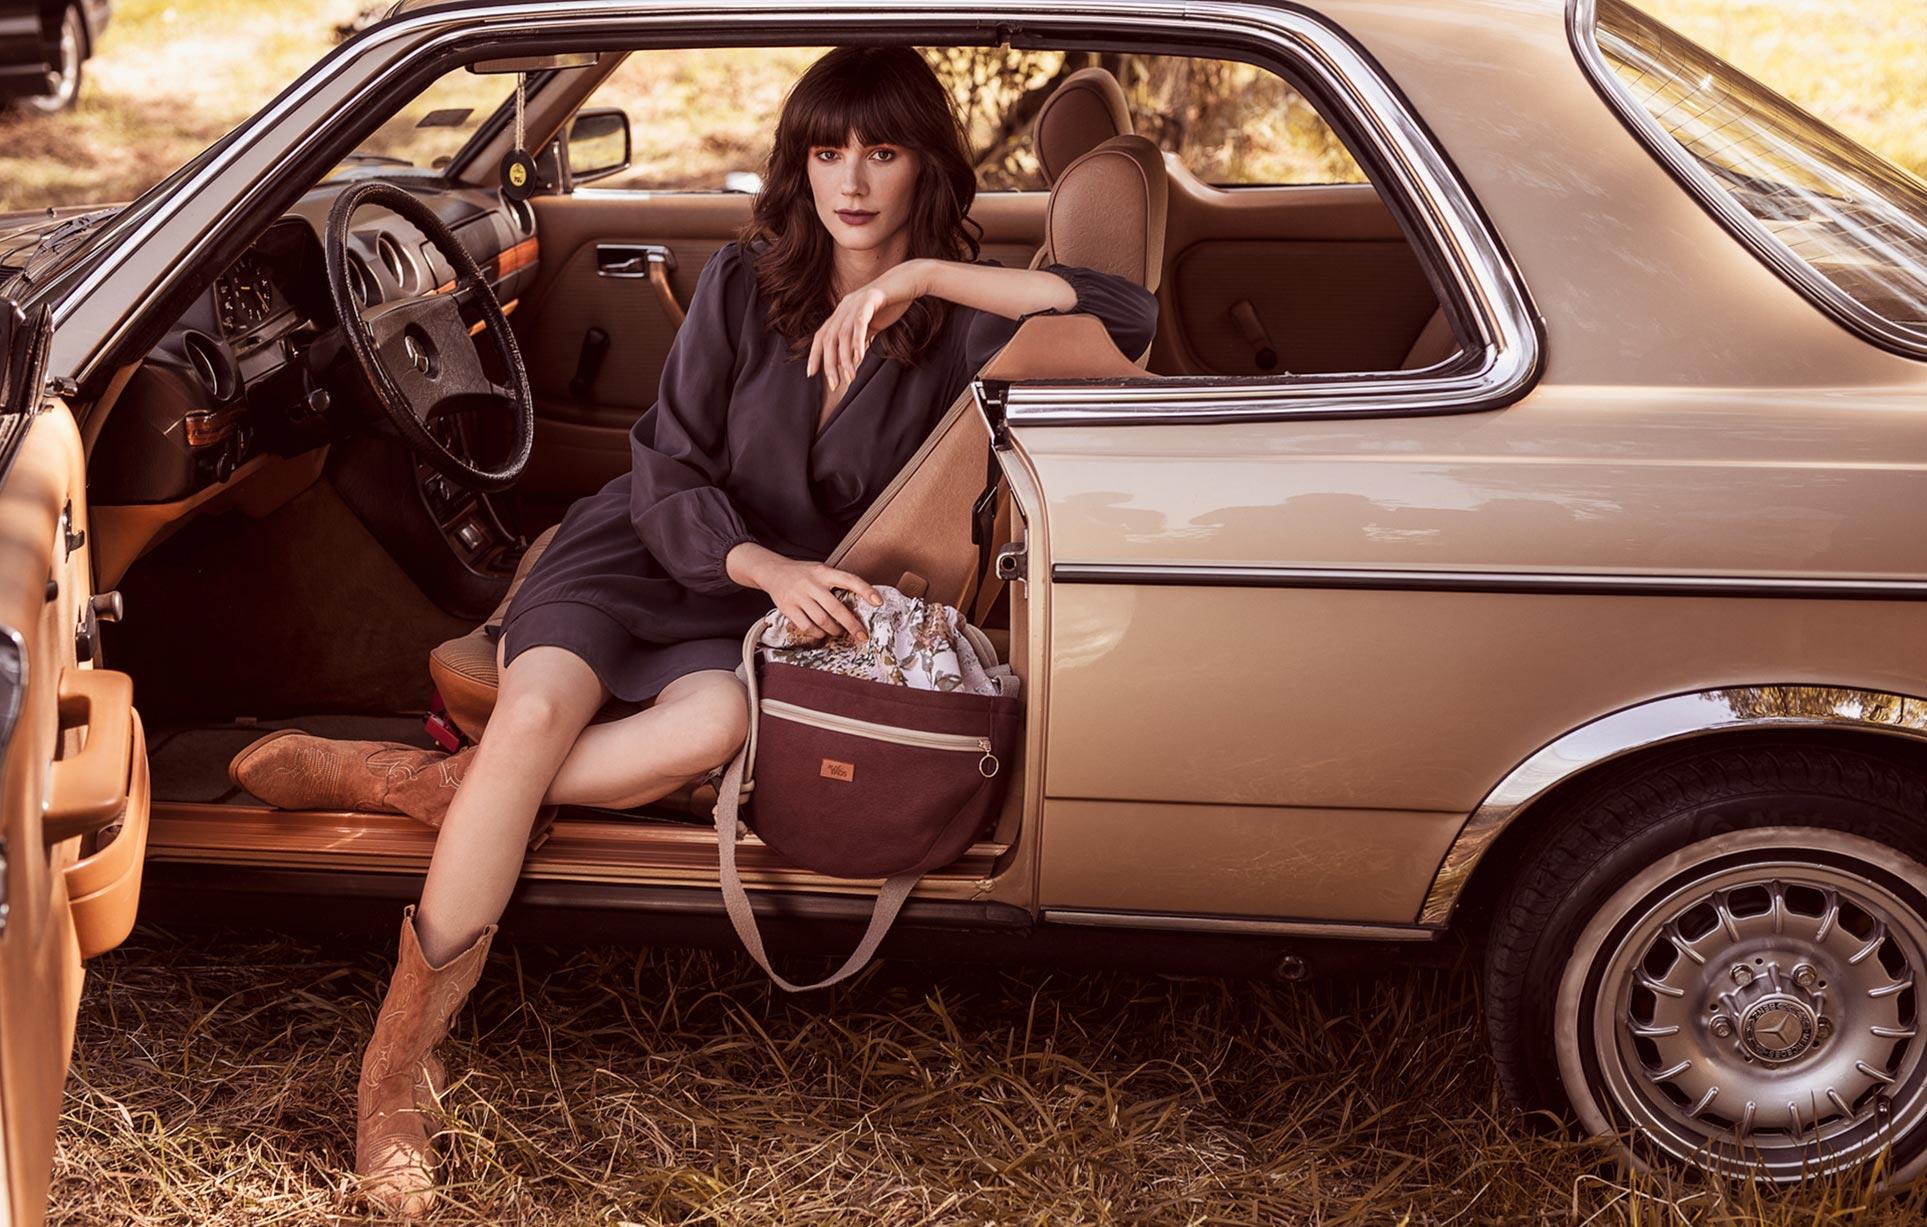 рекламная кампания женской одежды модного бренда So Me Len Welna / фото 19